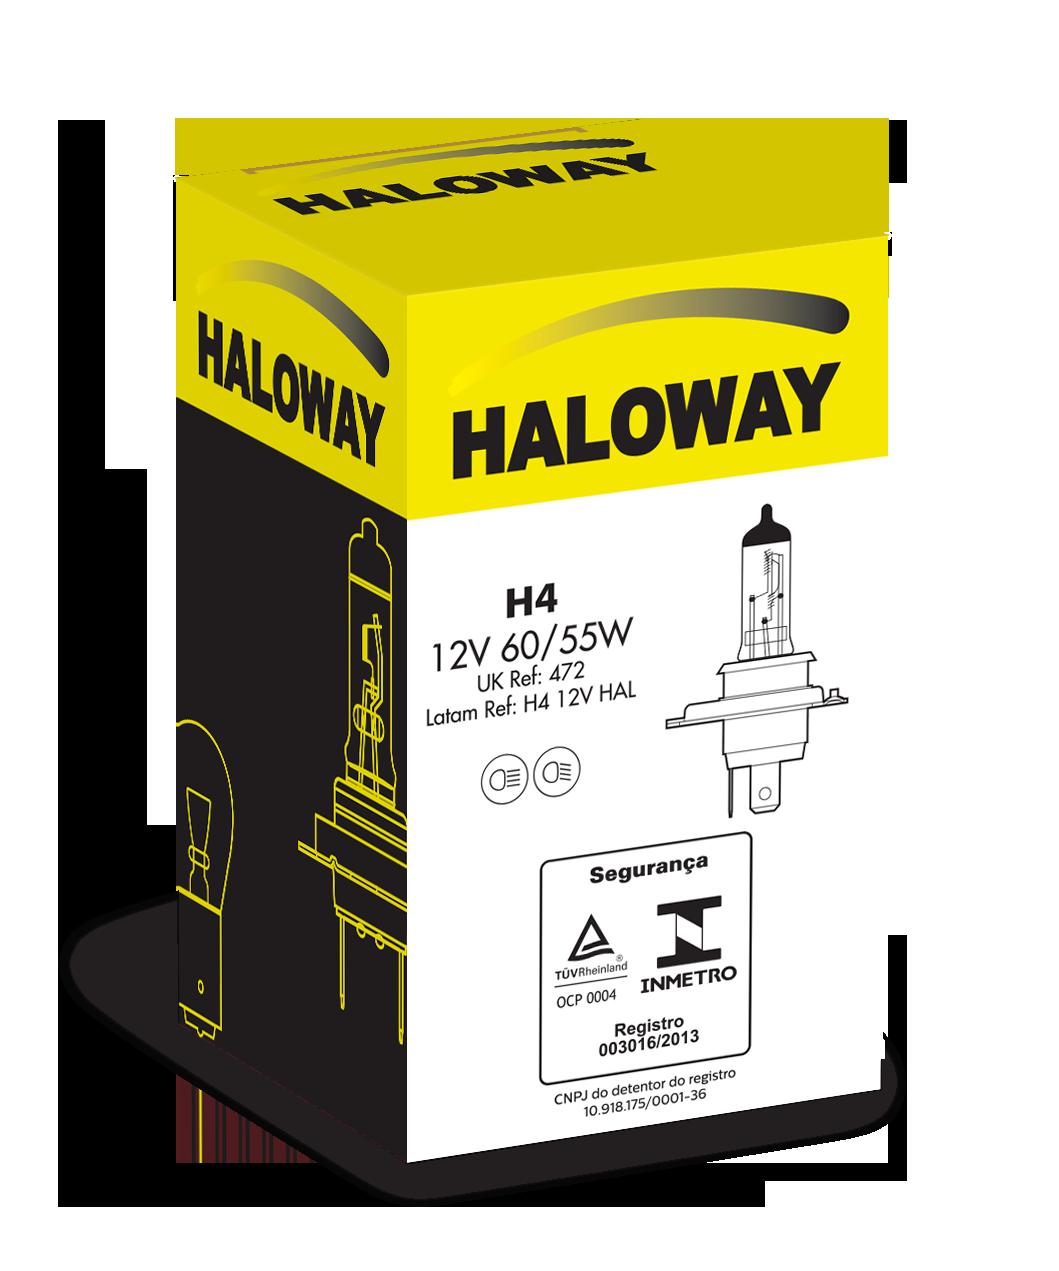 H4 12V HAL